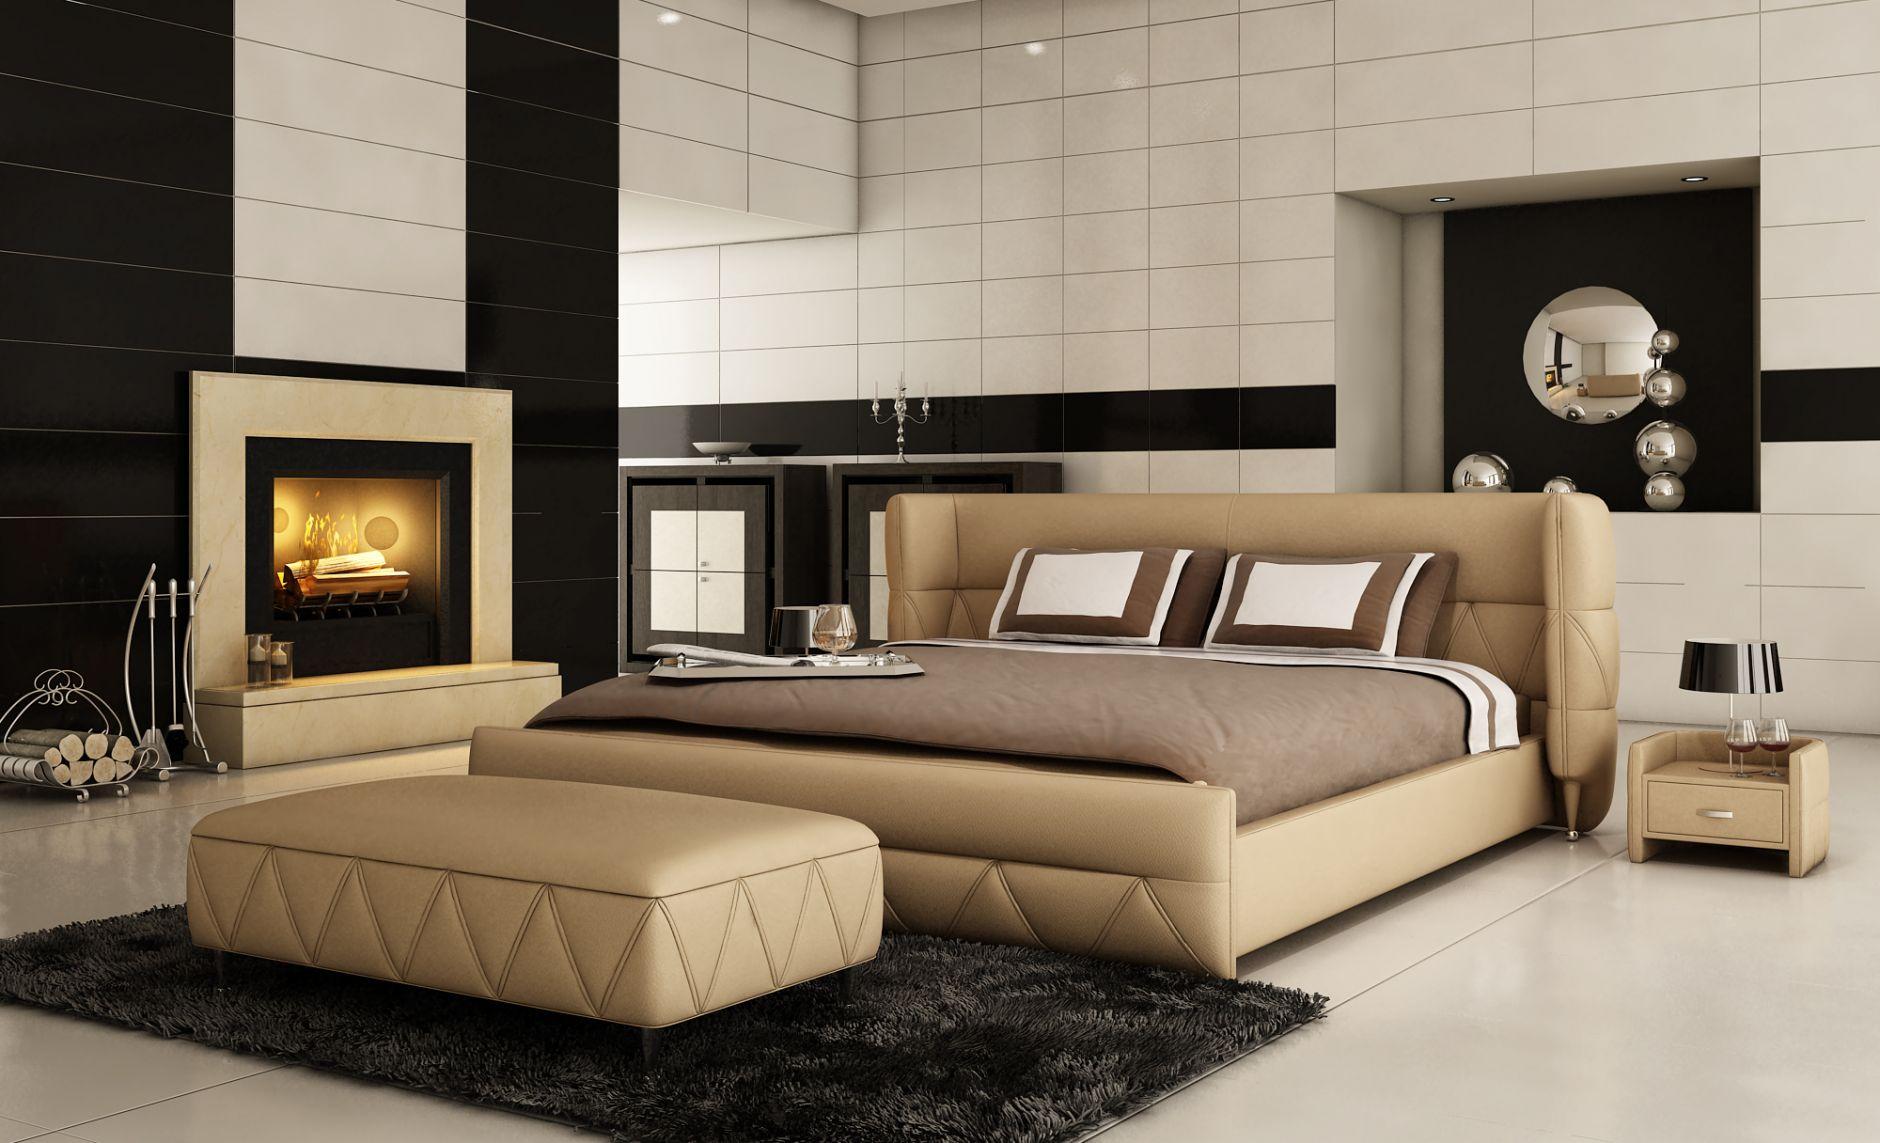 Chambre  coucher en cuir Chambre  coucher de cuir mod¨le